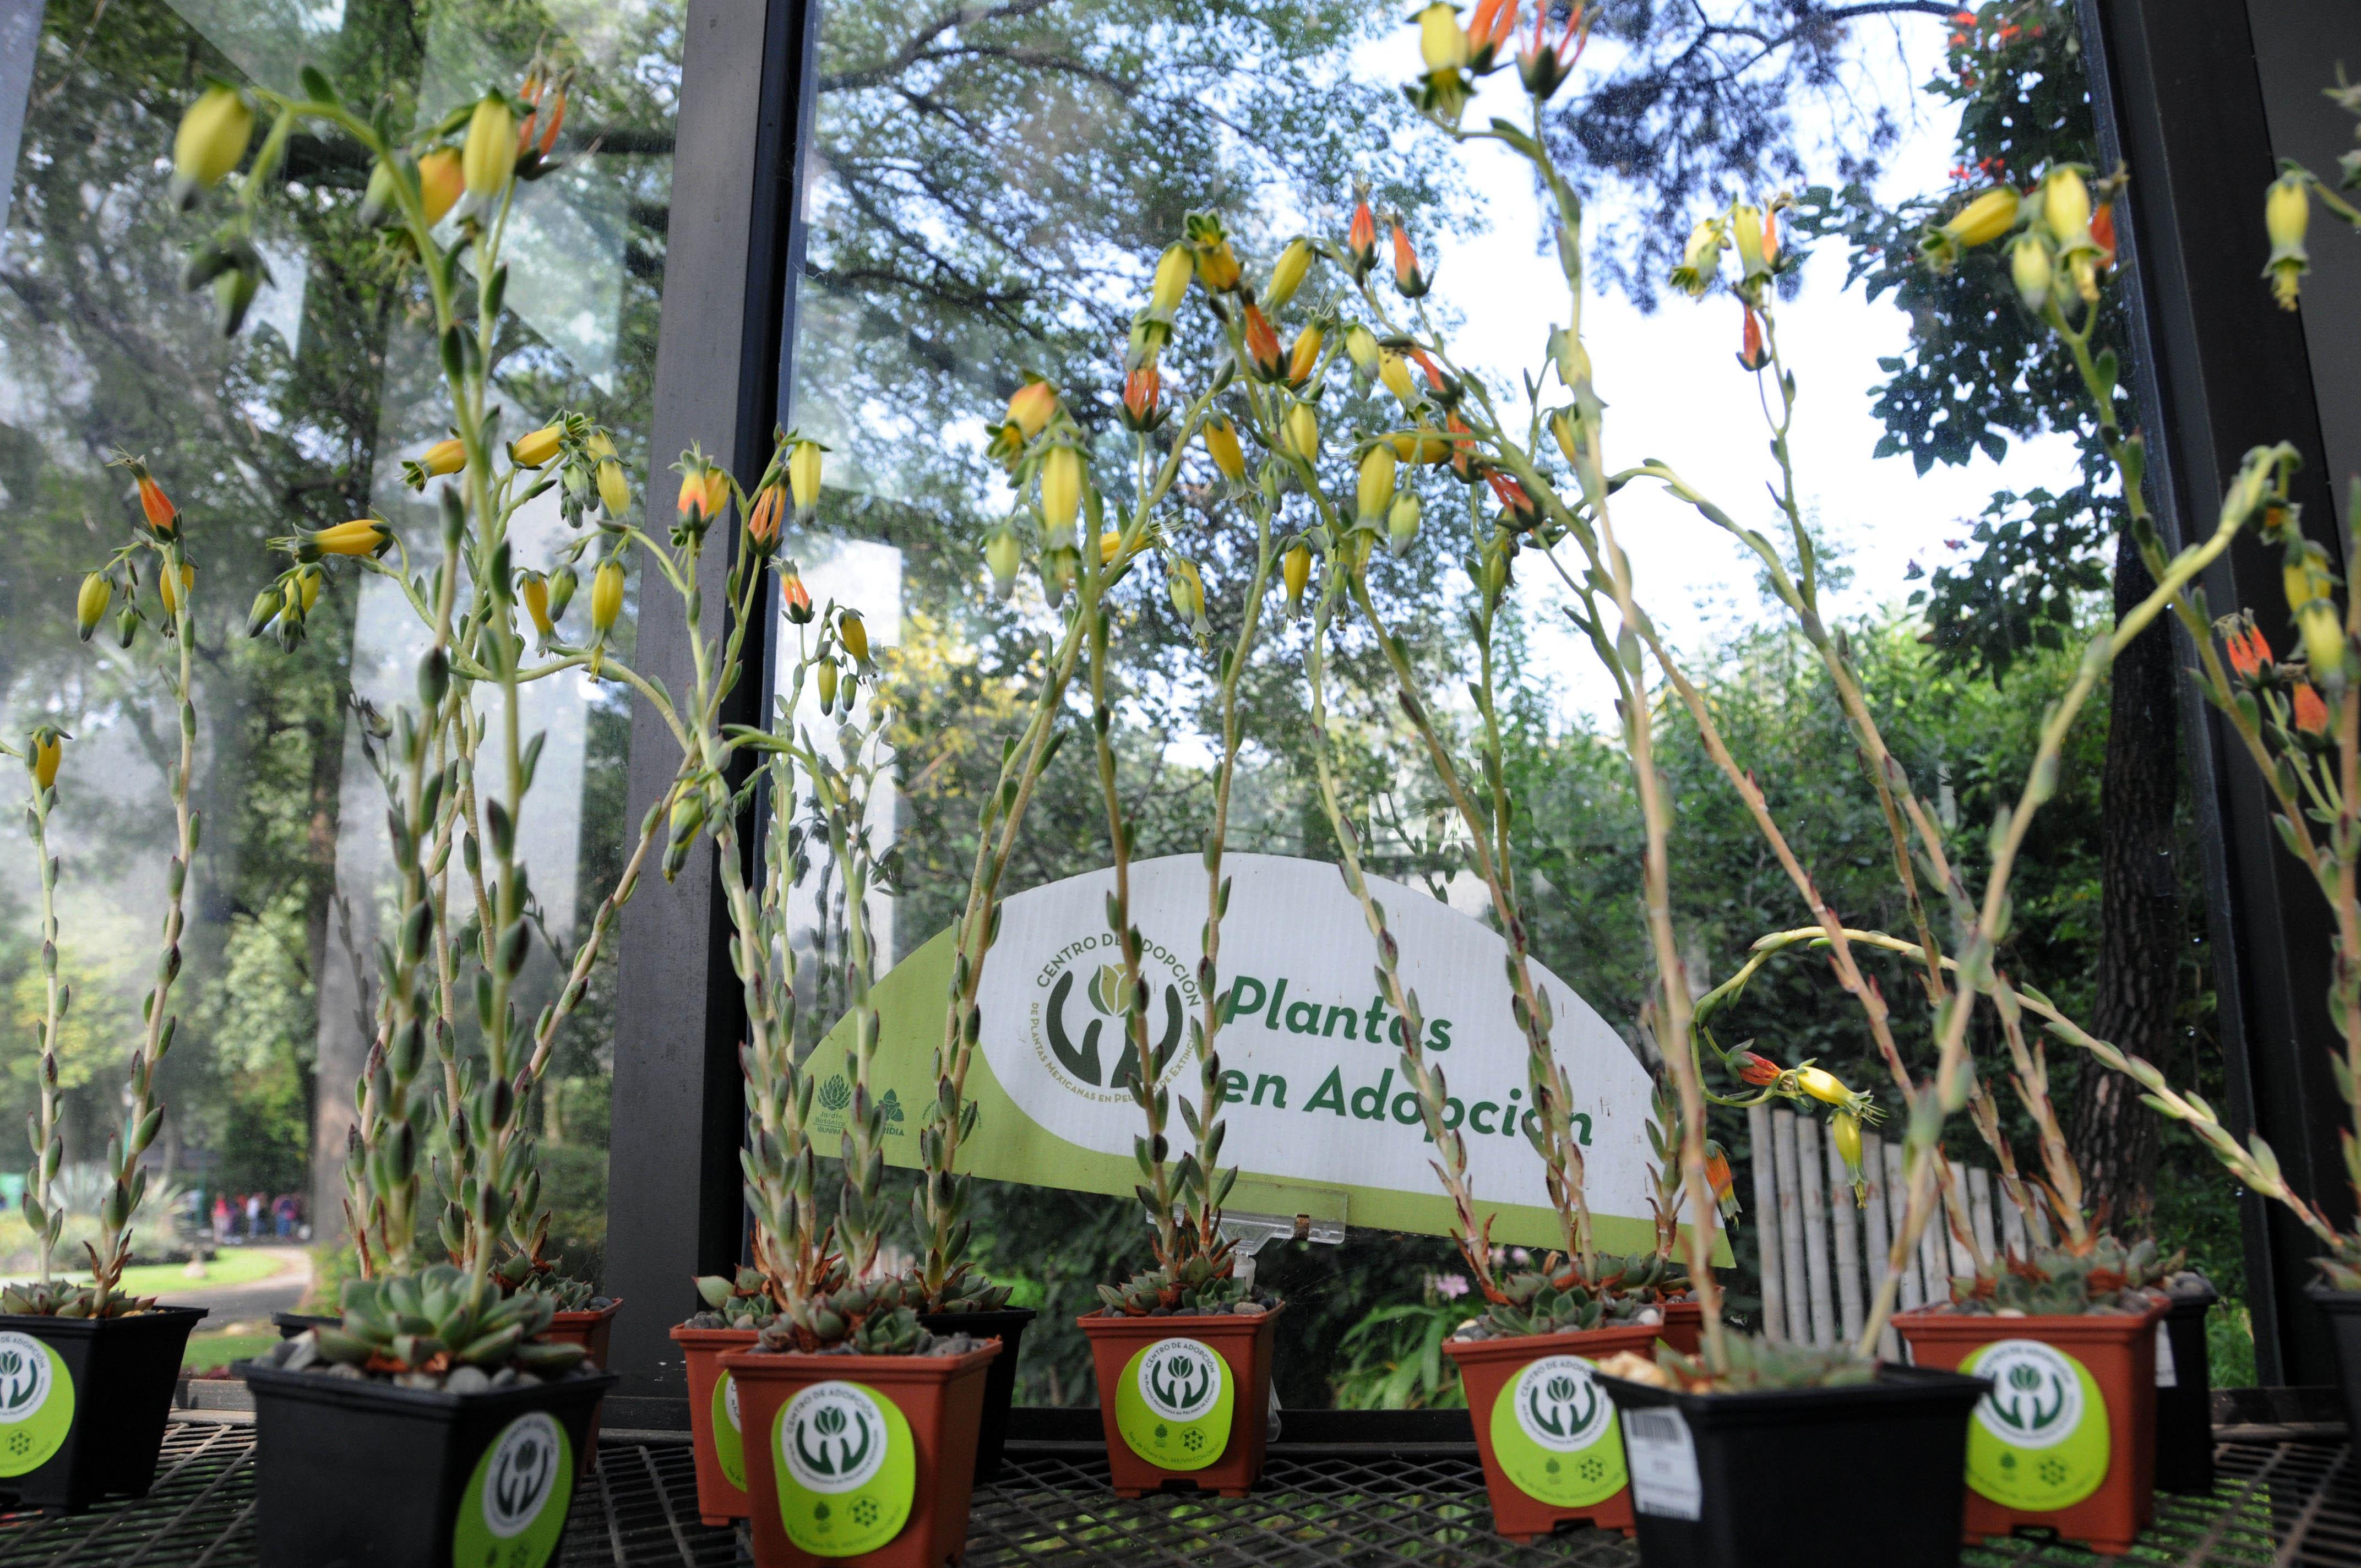 Cuenta la unam con 12 mil padres adoptivos de plantas for Jardin botanico unam 2015